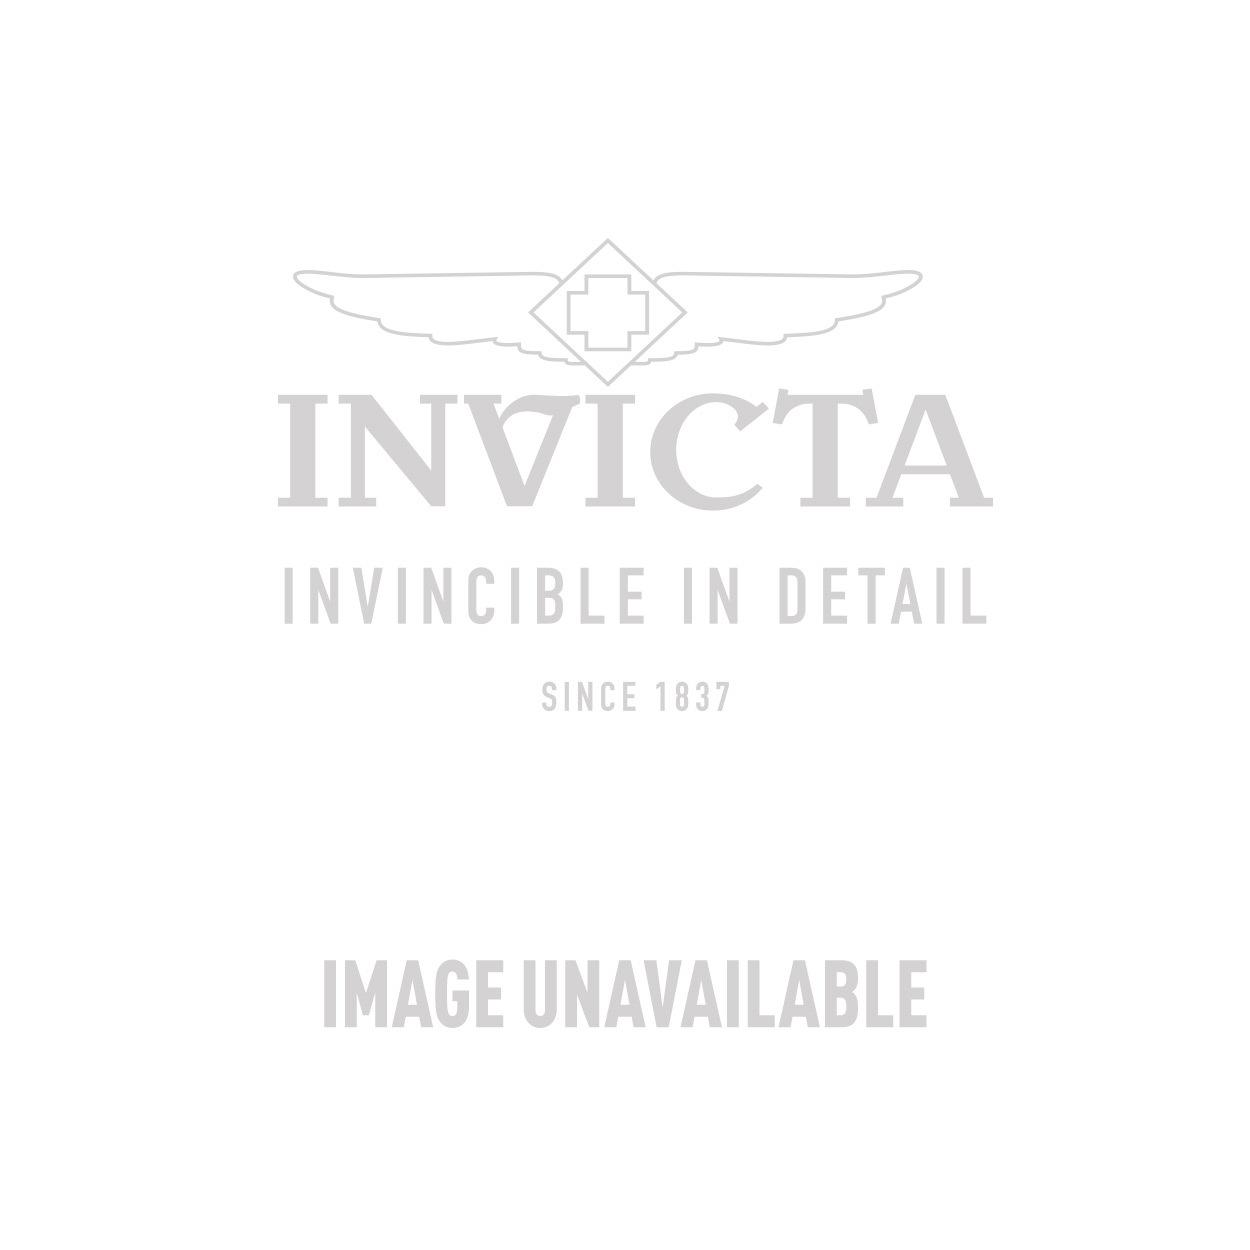 Invicta Specialty watch in Gunmetal at InvictaStores.com | Shop ...